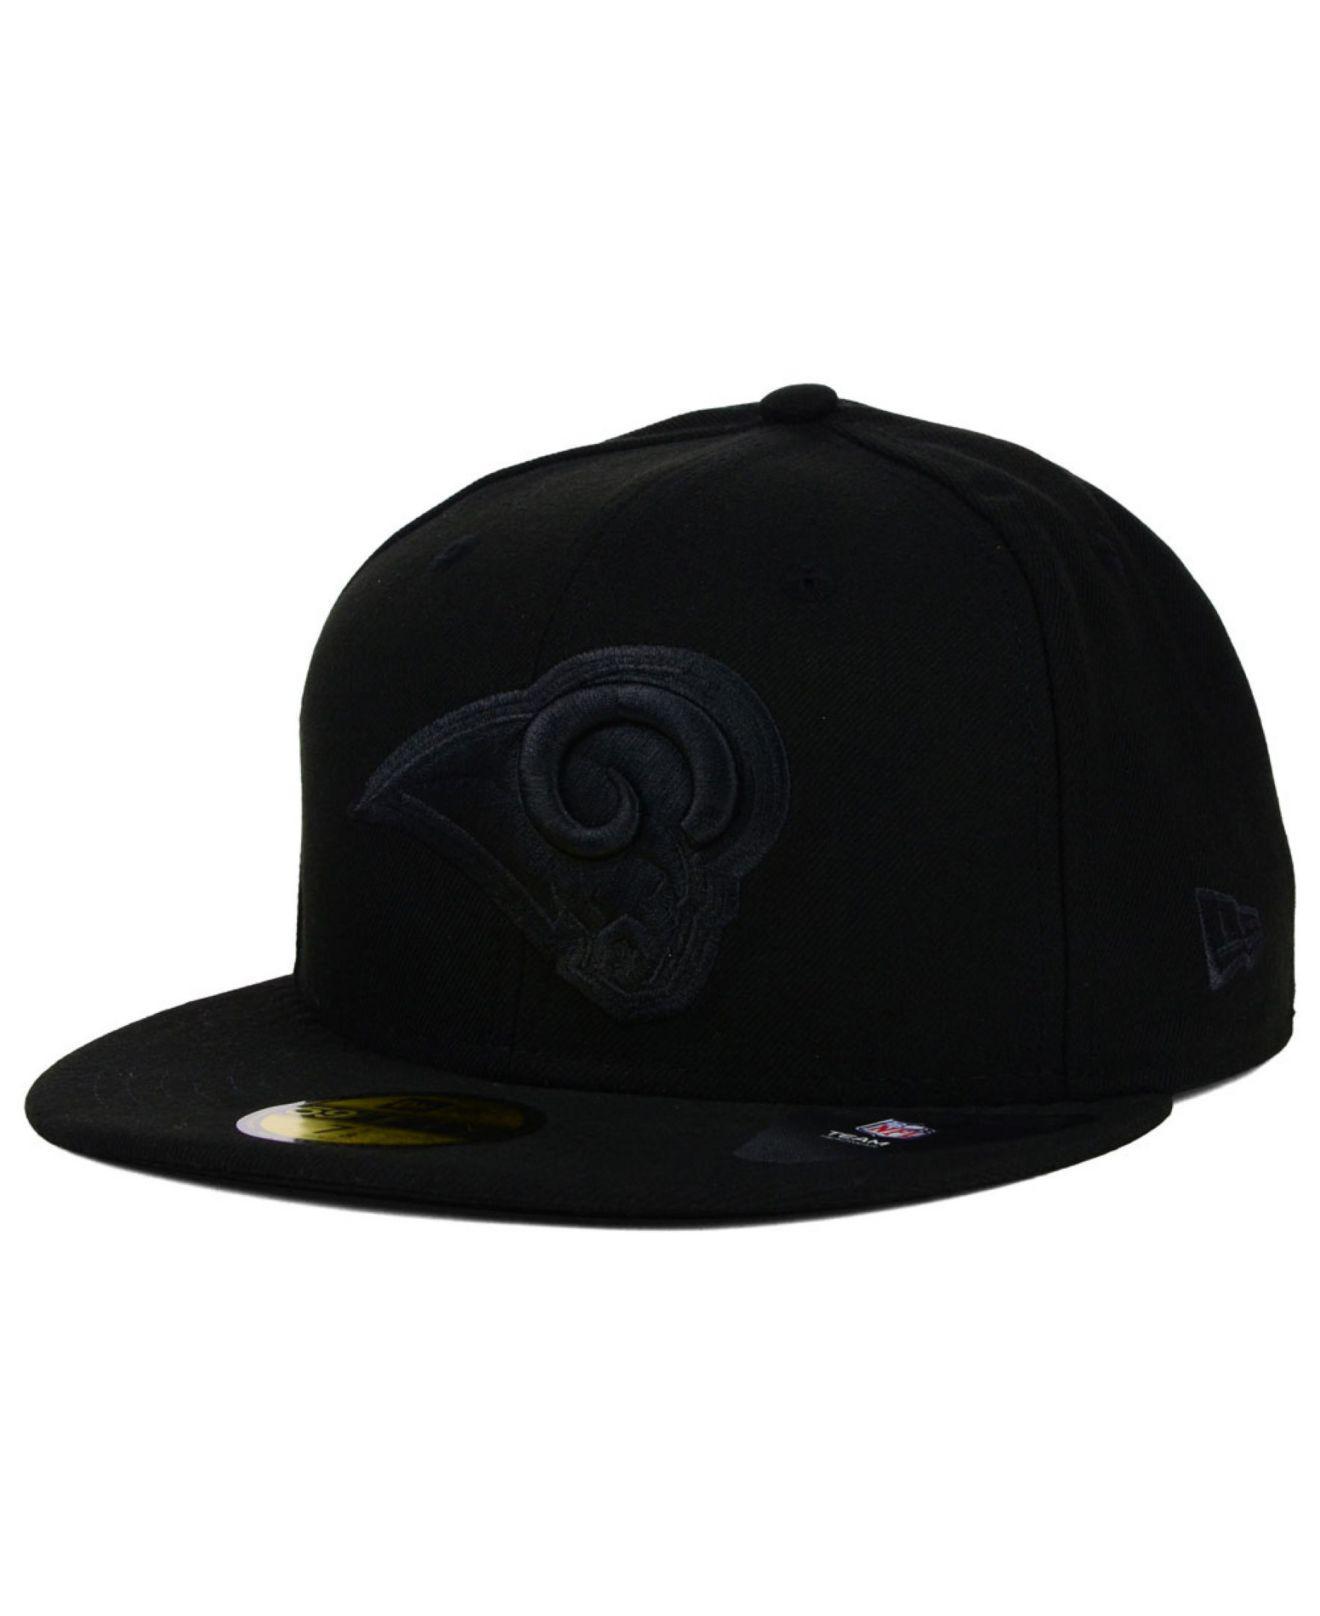 ... nfl in black czech lyst ktz los angeles rams black on black 59fifty cap  in black for men 0d4b2 ... 47baa259d5ea